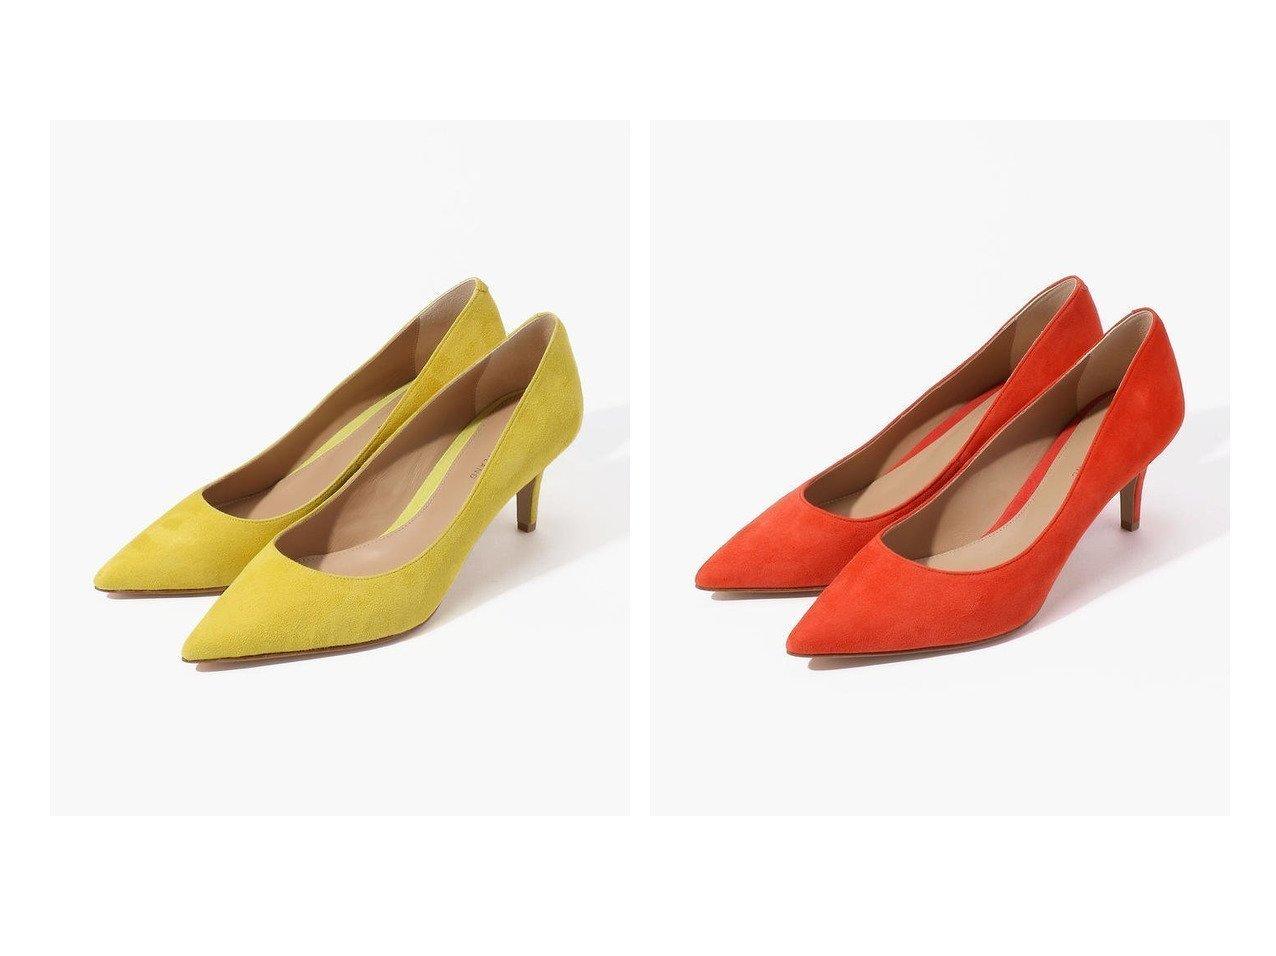 【TOMORROWLAND GOODs/トゥモローランド グッズ】のTOMORROWLAND スエードパンプス シューズ・靴のおすすめ!人気、レディースファッションの通販  おすすめで人気のファッション通販商品 インテリア・家具・キッズファッション・メンズファッション・レディースファッション・服の通販 founy(ファニー) https://founy.com/ ファッション Fashion レディース WOMEN シューズ スエード |ID:crp329100000004102